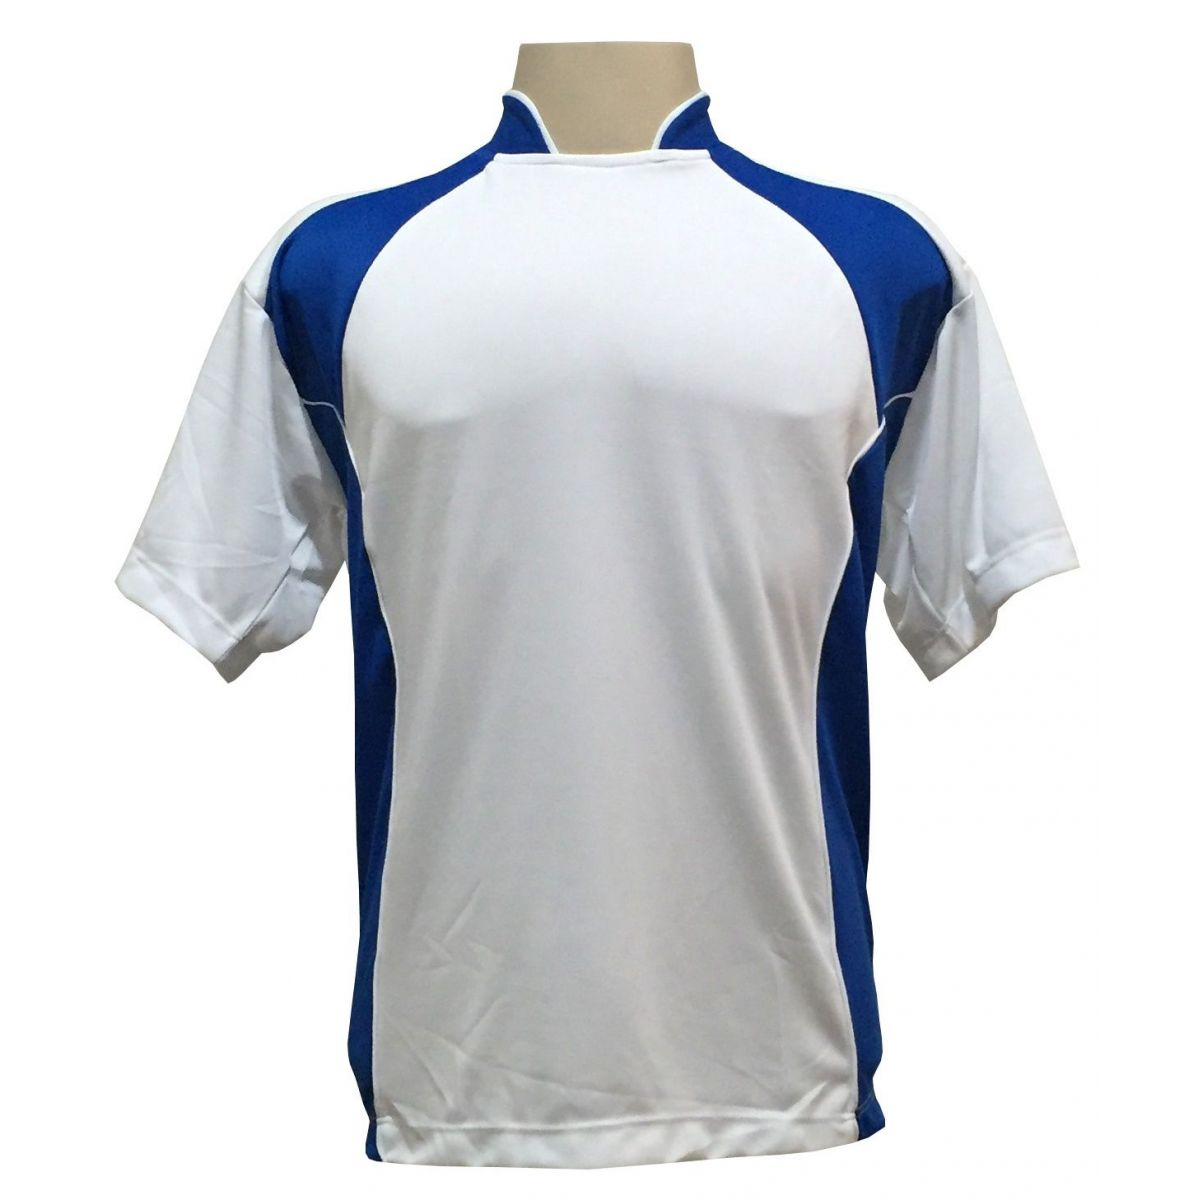 Jogo de Camisa com 14 unidades modelo Suécia Branco/Royal  - ESTAÇÃO DO ESPORTE